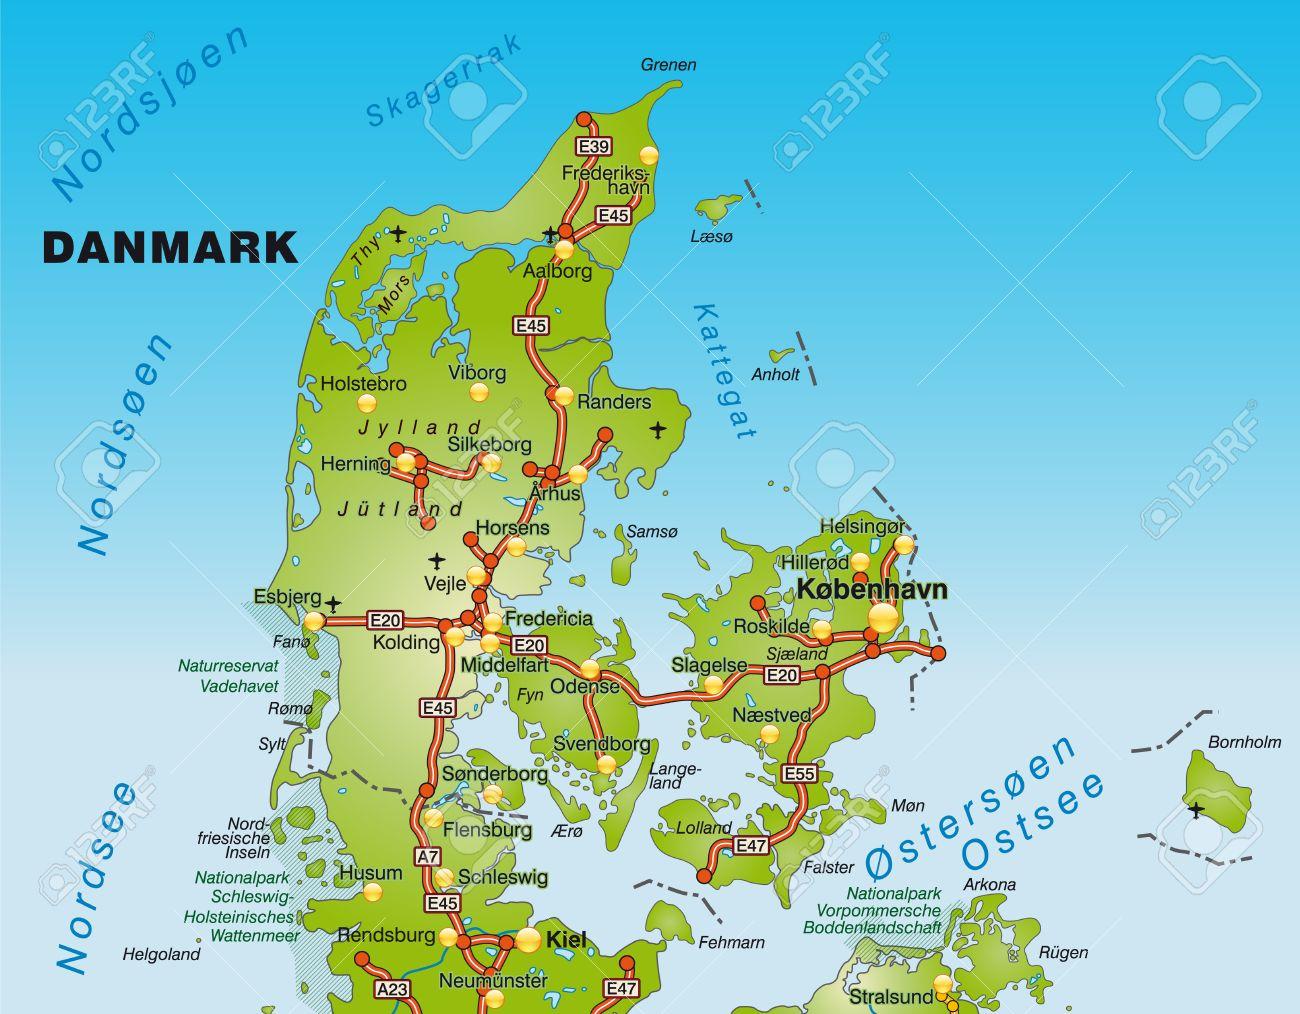 karte dänemark Karte Von Dänemark Mit Autobahnen Lizenzfrei Nutzbare  karte dänemark